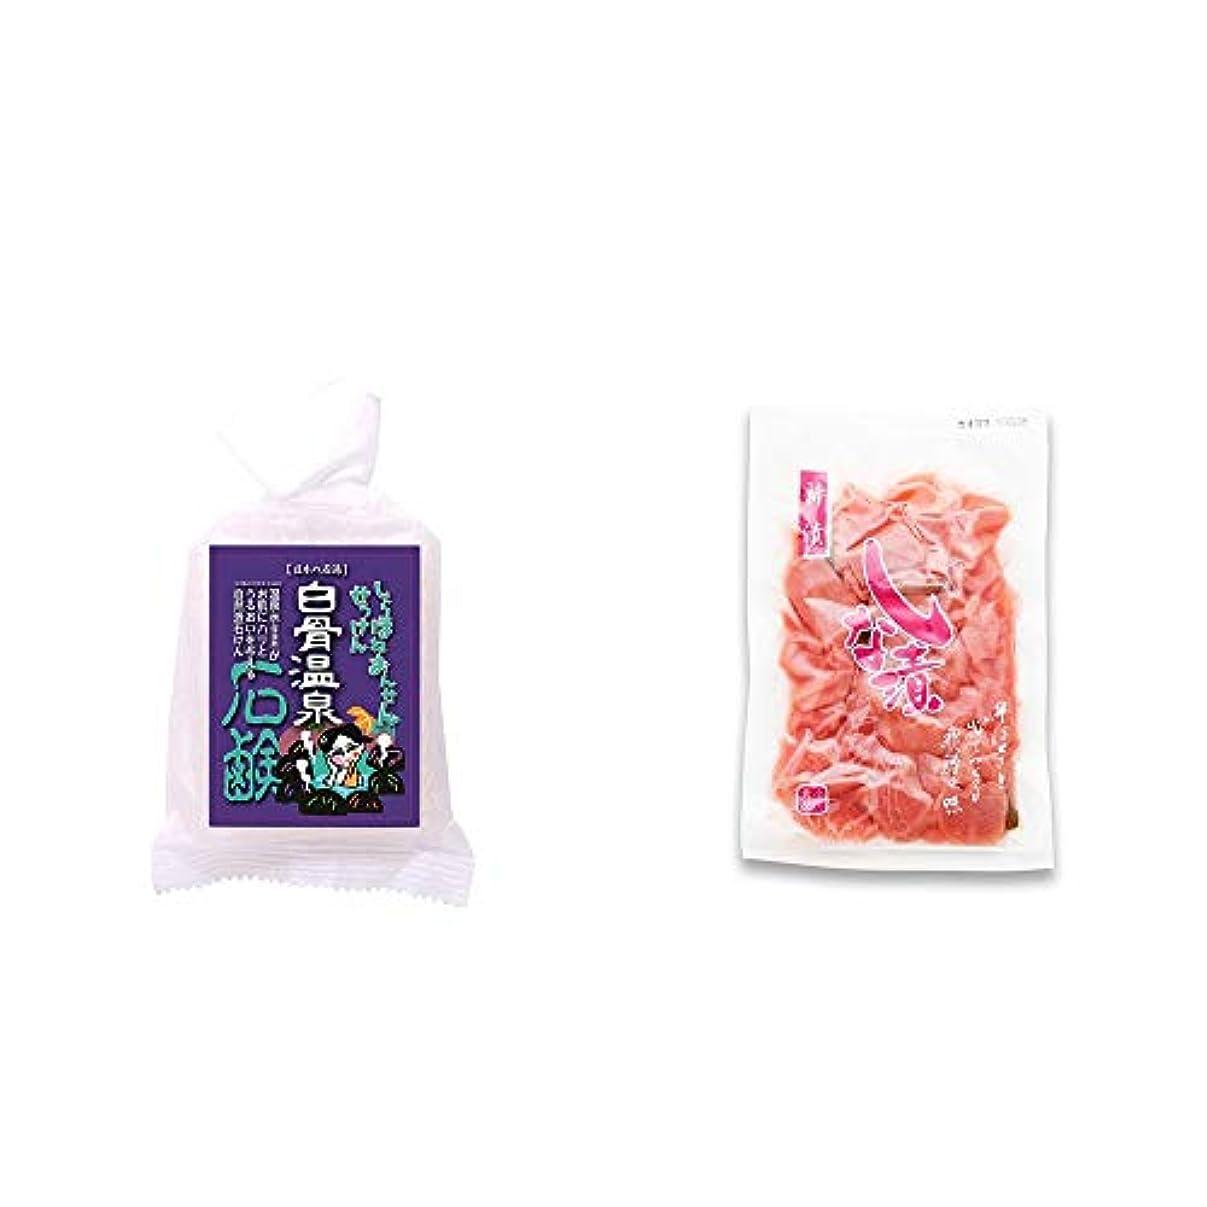 失われた後世病[2点セット] 信州 白骨温泉石鹸(80g)?しな漬け(160g)